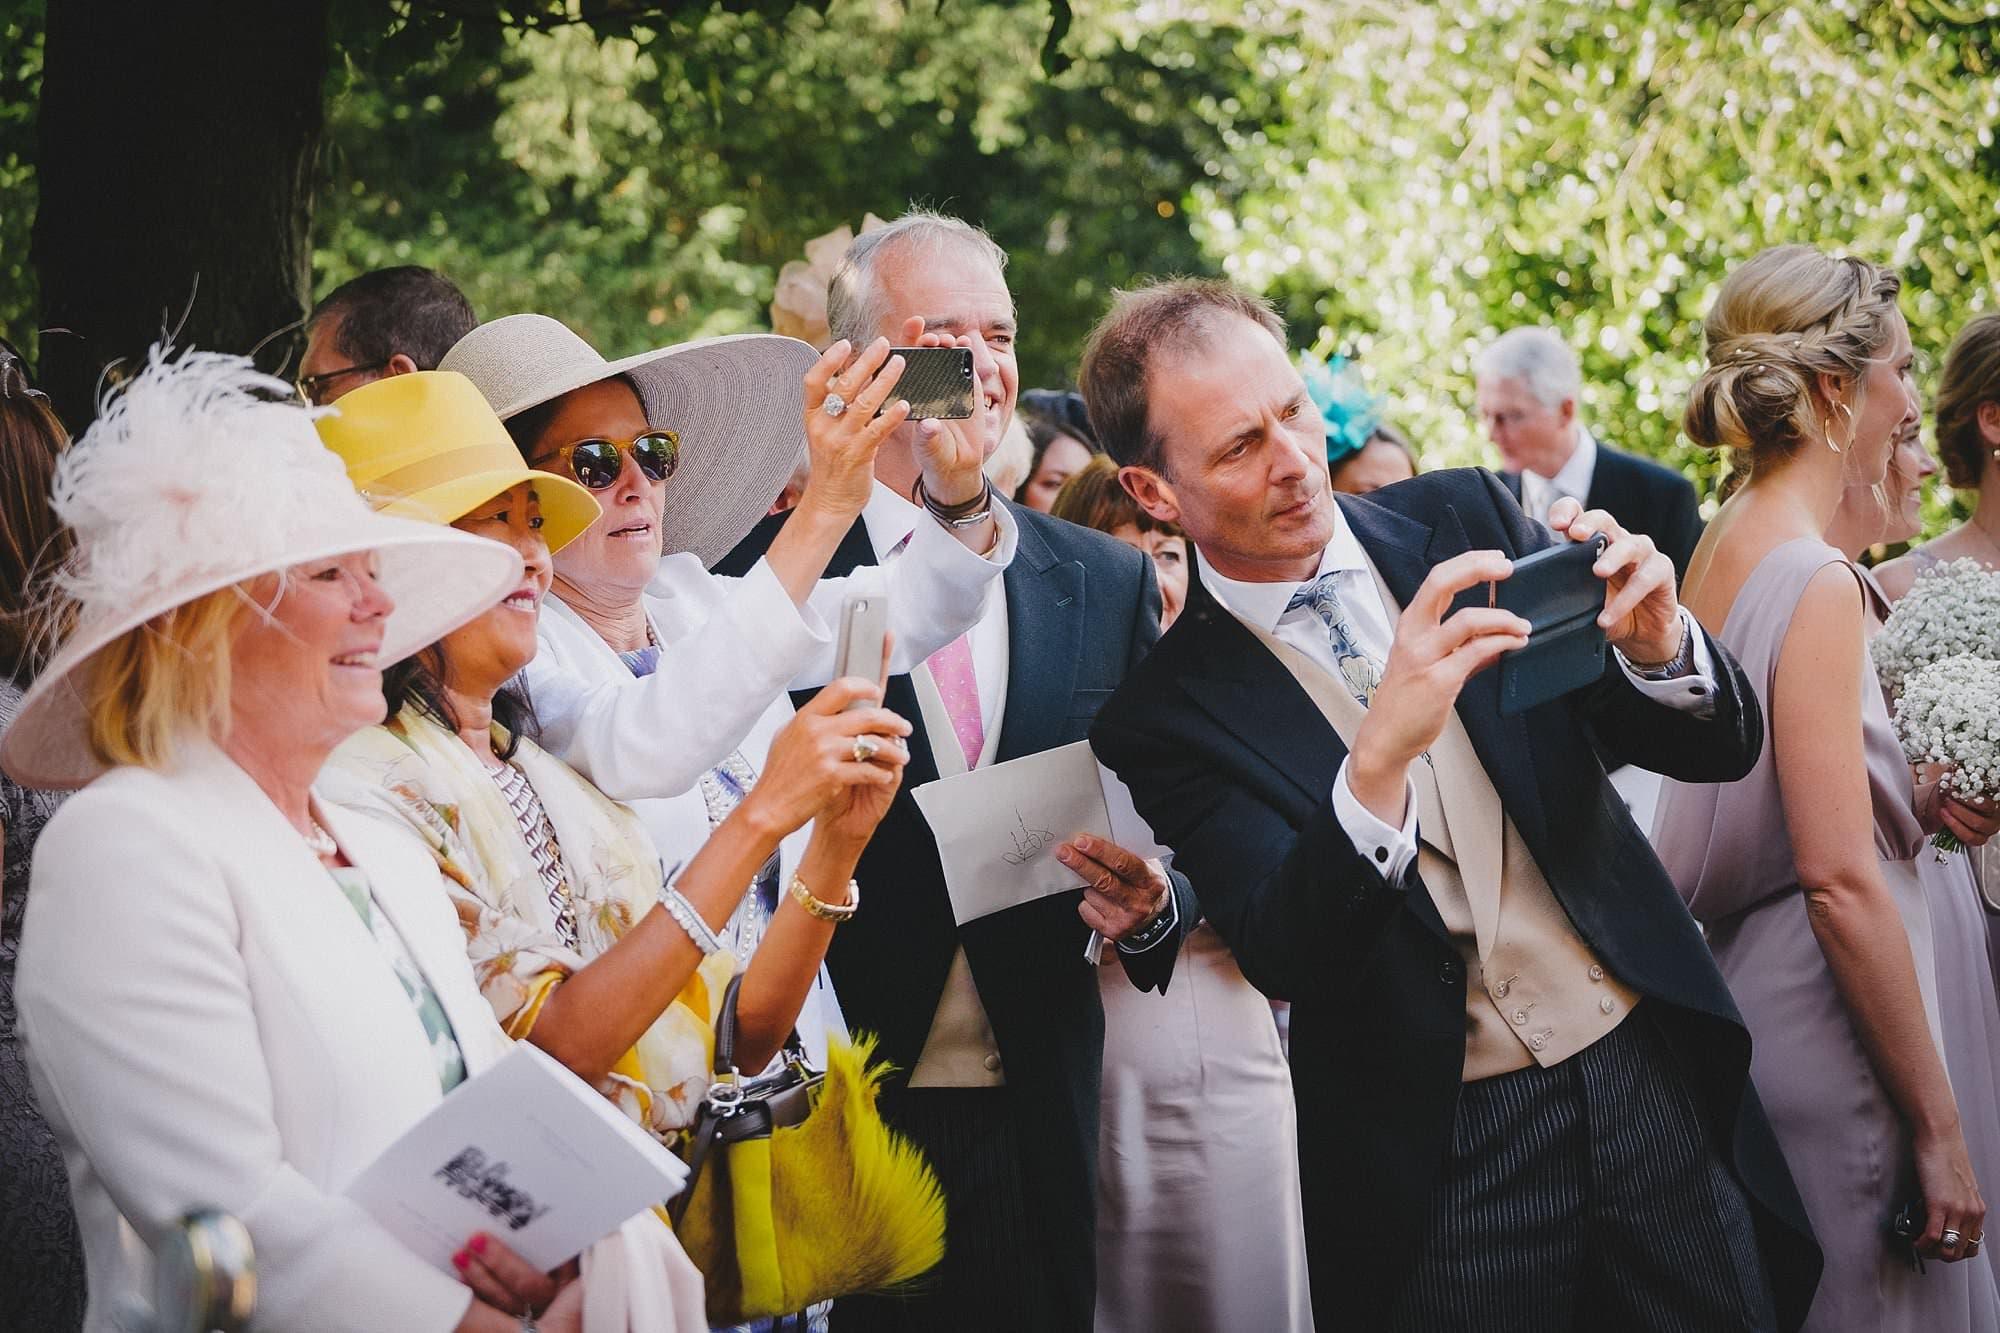 fulham palace wedding photographer 043 - Rosanna + Duncan | Fulham